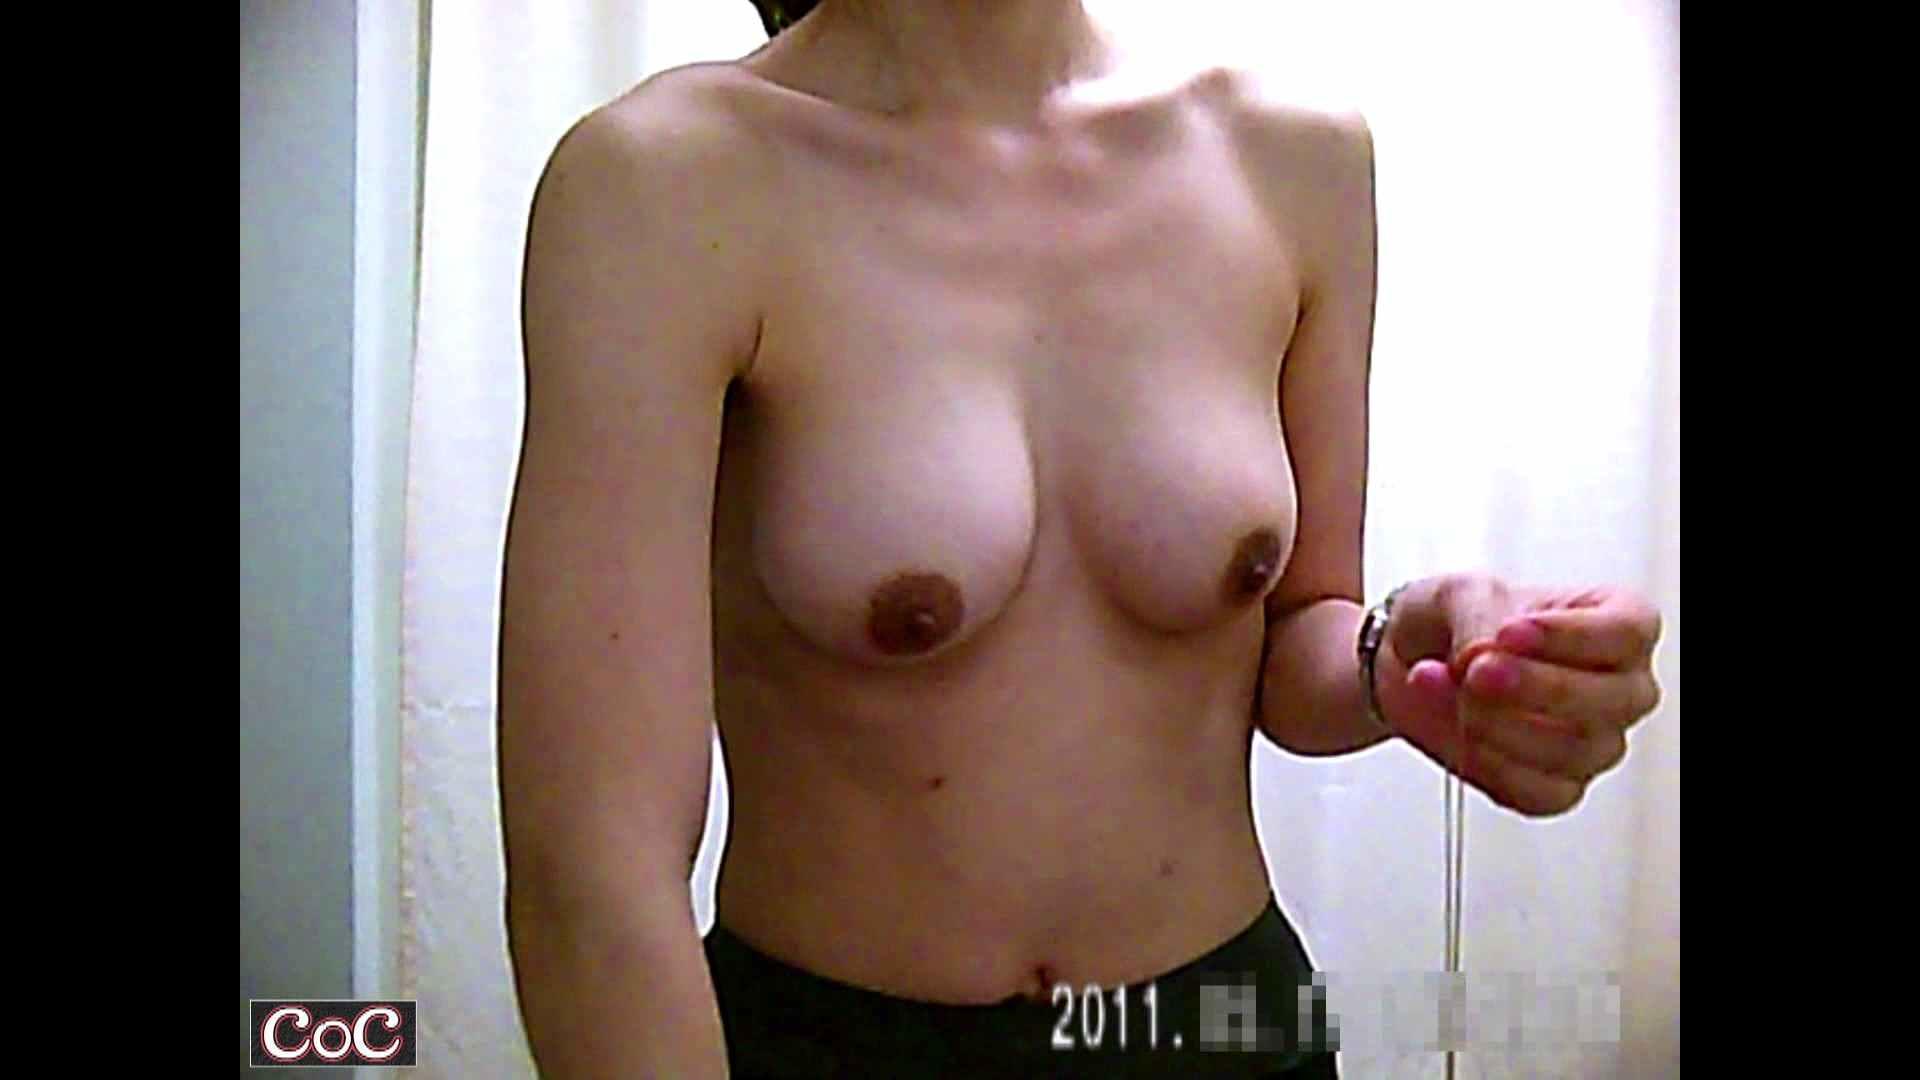 病院おもいっきり着替え! vol.124 乳首 盗撮画像 93画像 4